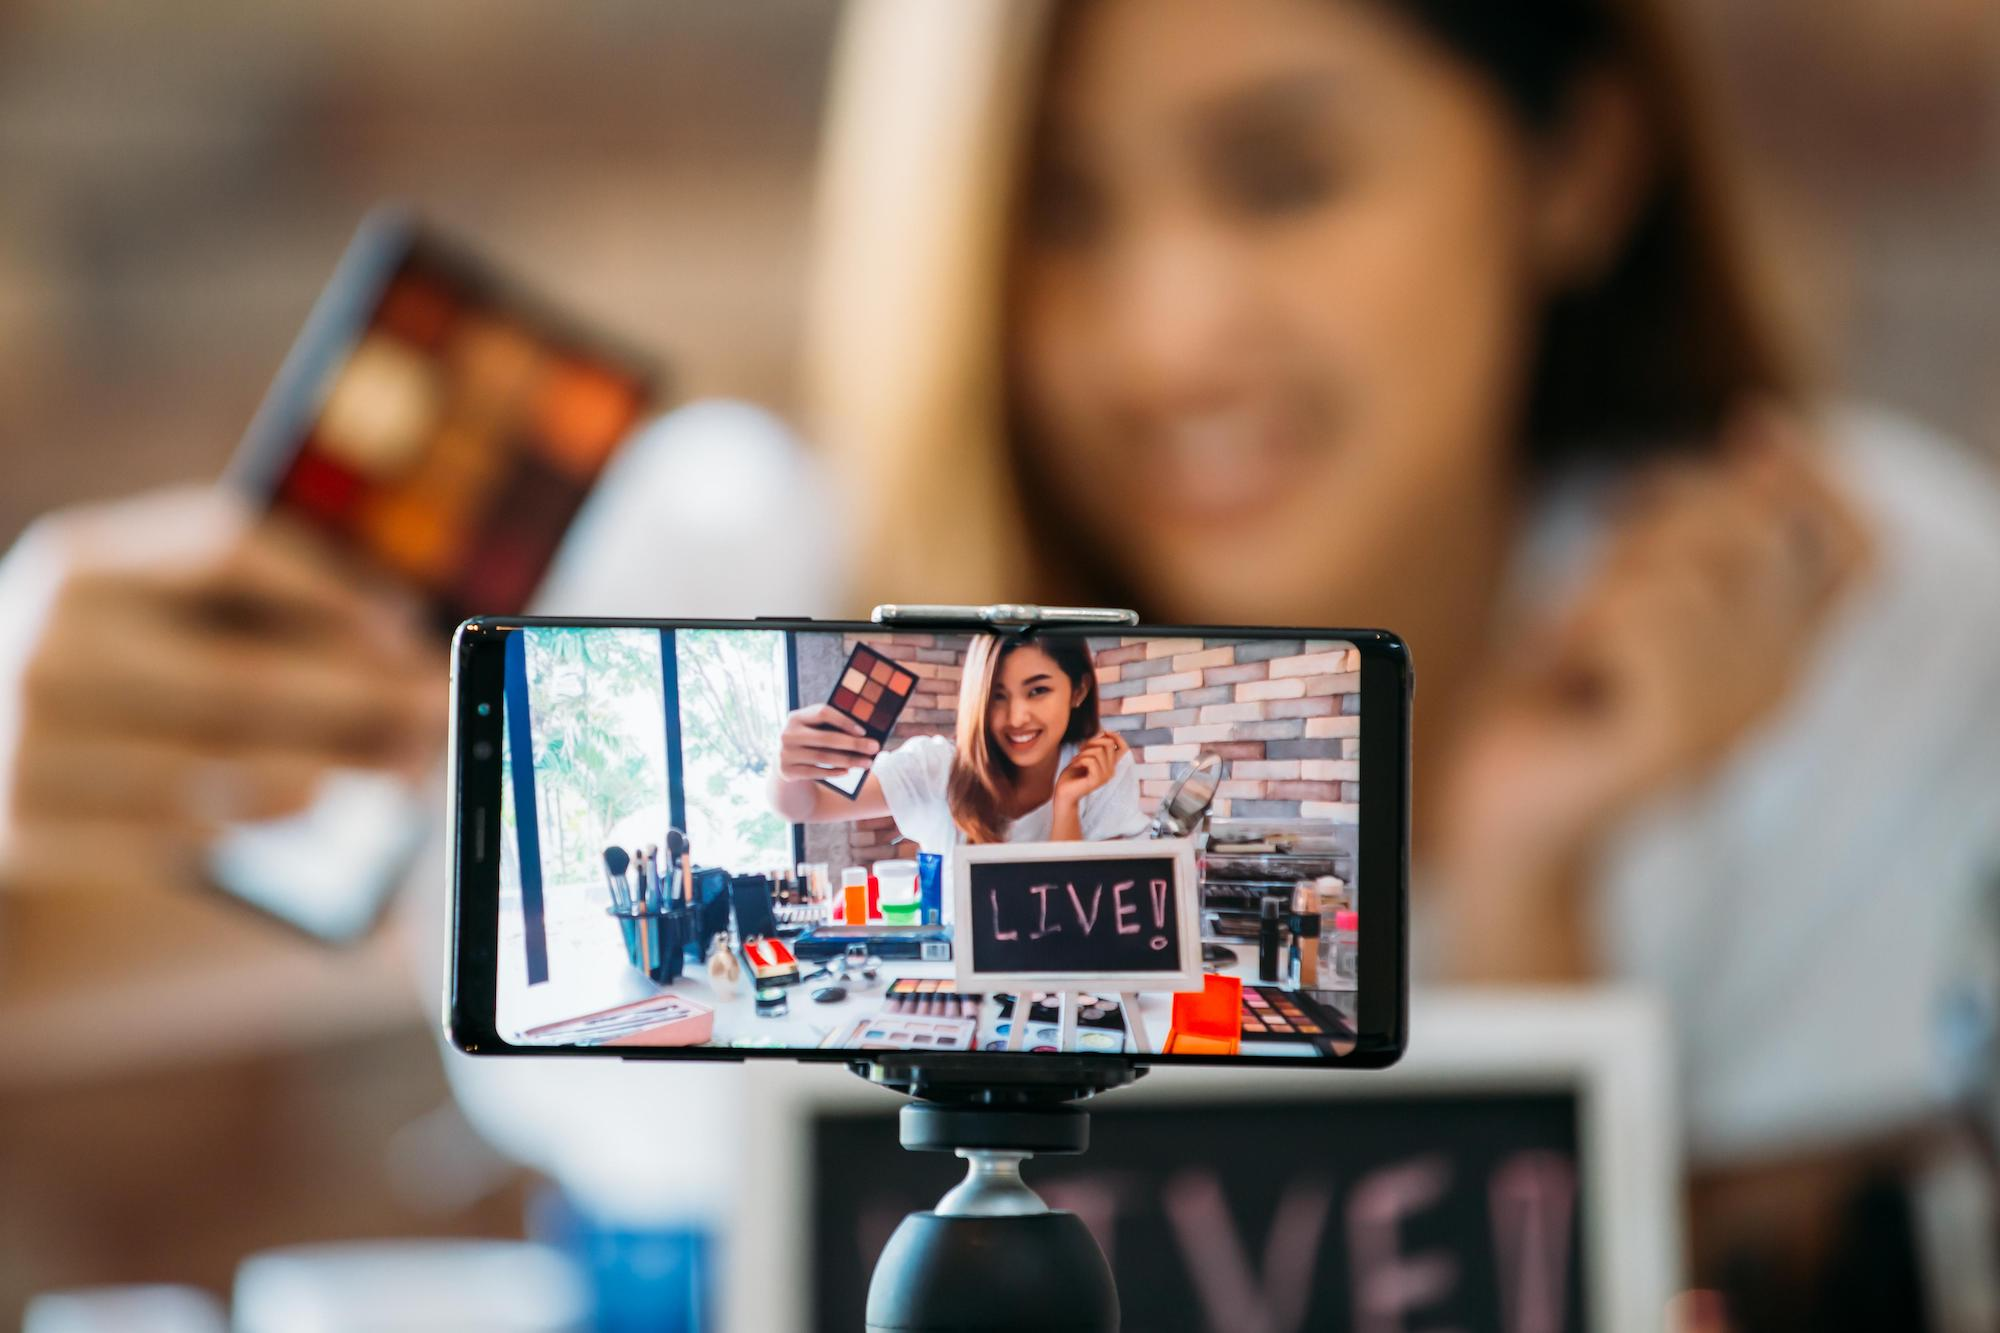 Livestream đang thay đổi toàn bộ ngành thương mại điện tử như thế nào?